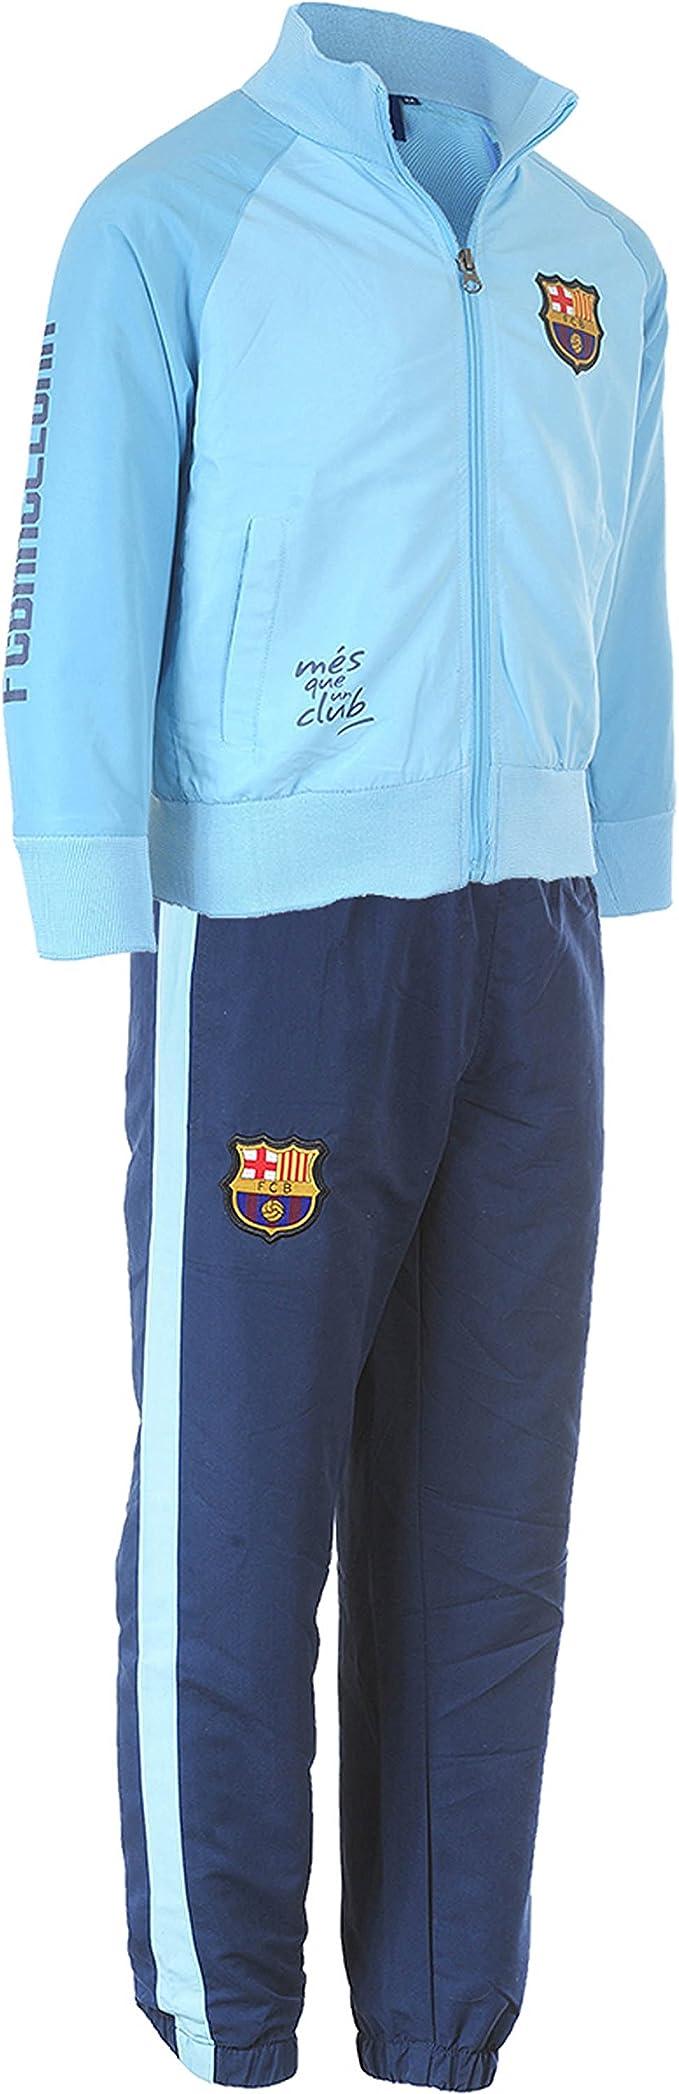 Fc Barcelone Chándal Barca – Collection Oficial para Hombre, Talla ...